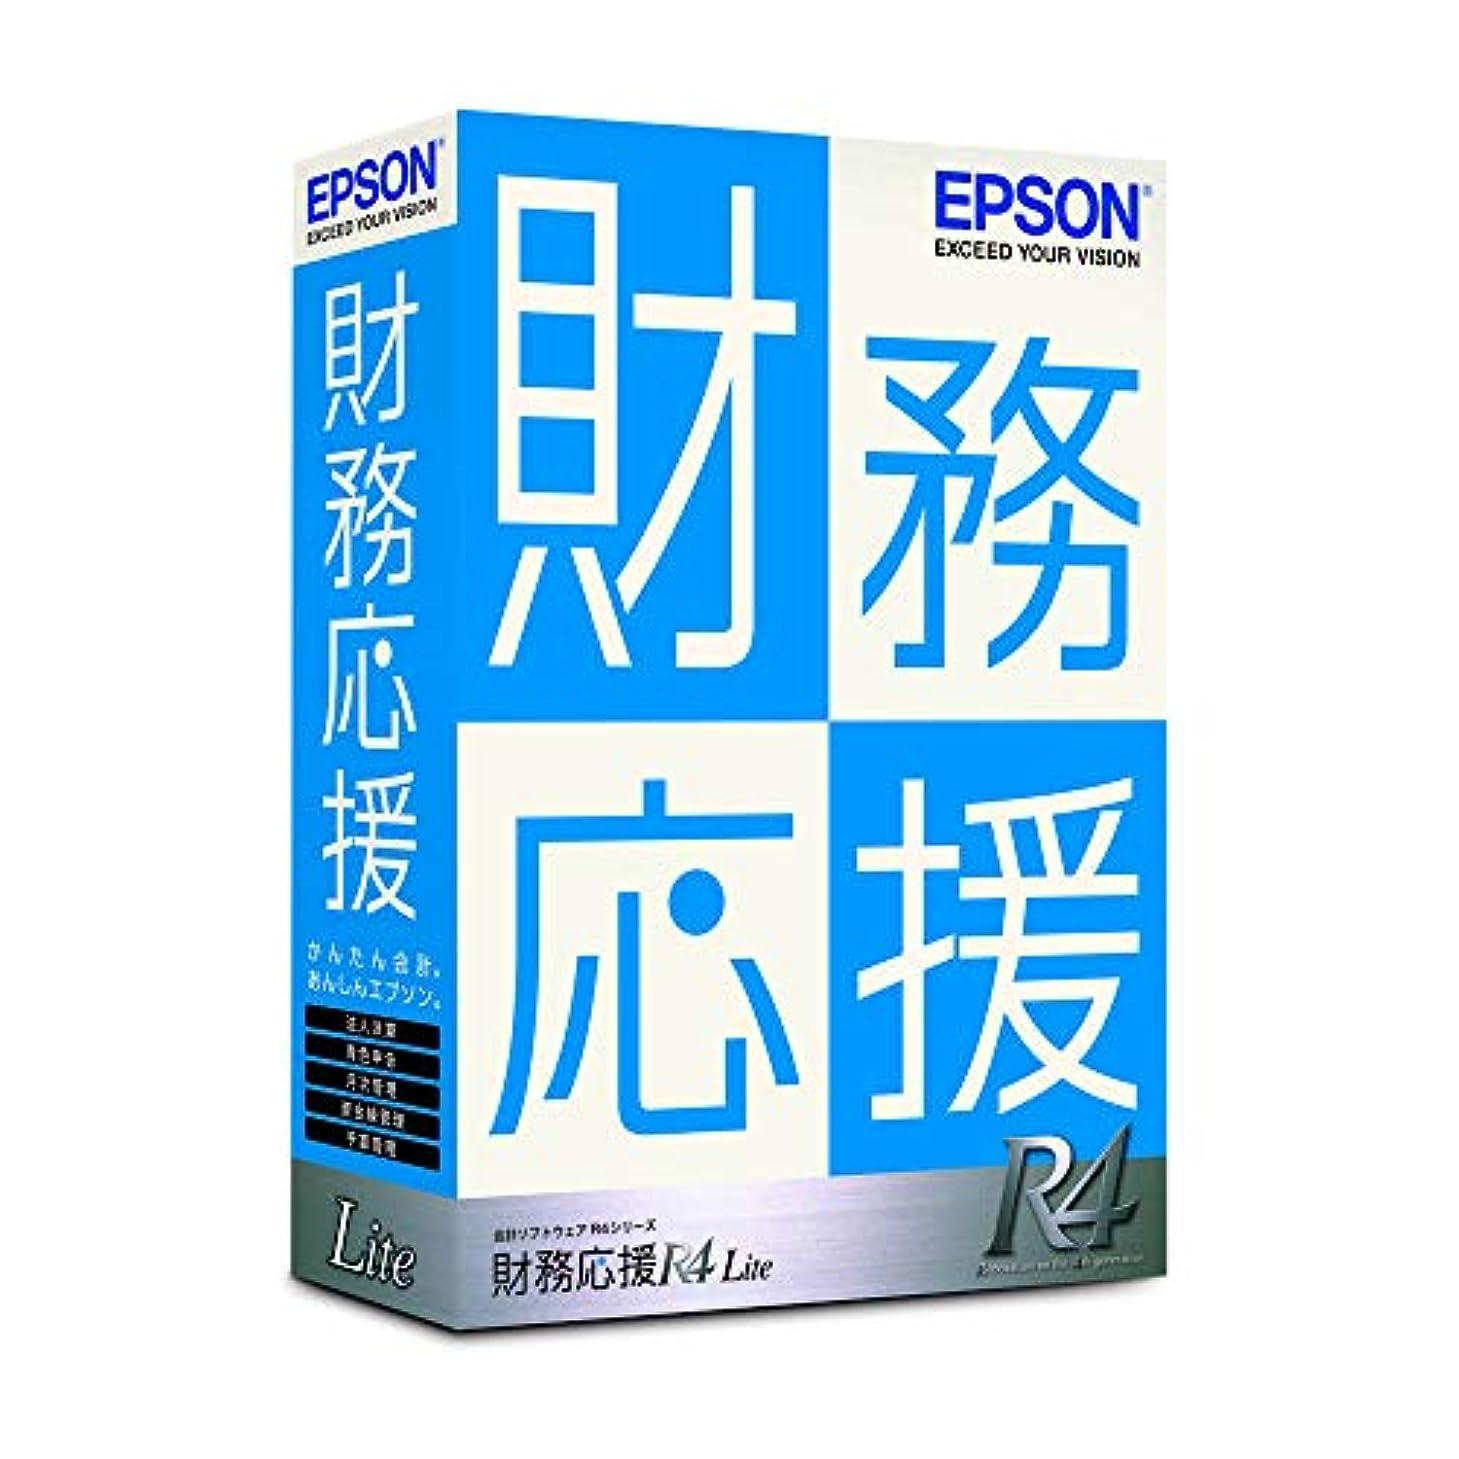 ゴミ箱を空にするタッチ鎮痛剤【旧商品】 財務応援 R4 Lite | Ver.14.1| 1ユーザー |